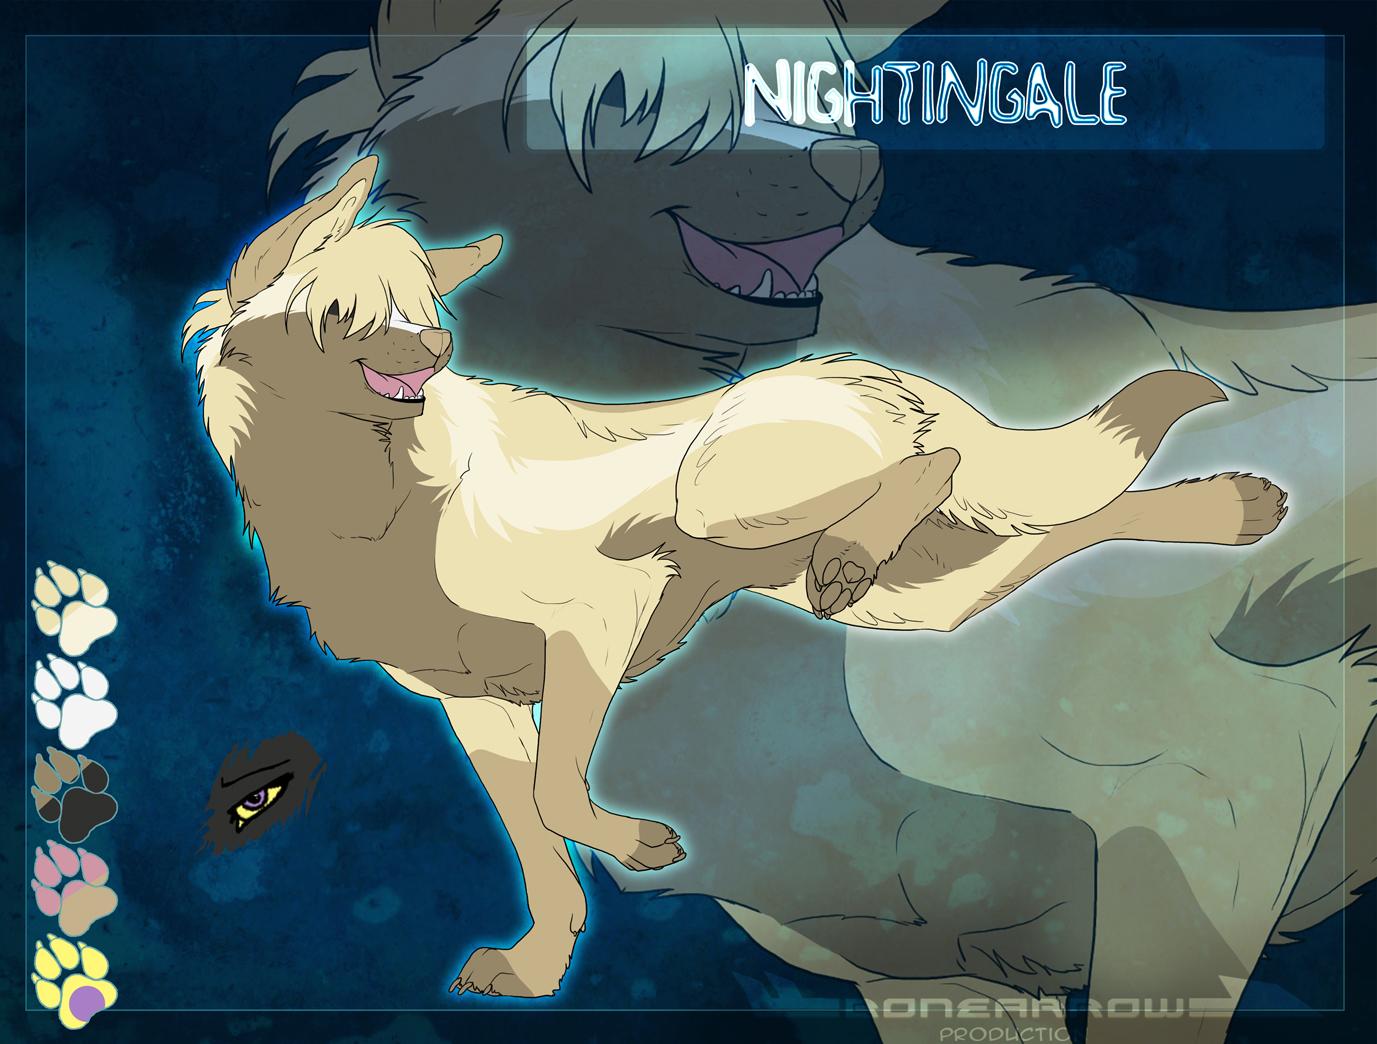 dddsssssss Soh__nightingale_cs_by_icekrystal-d3hyixl